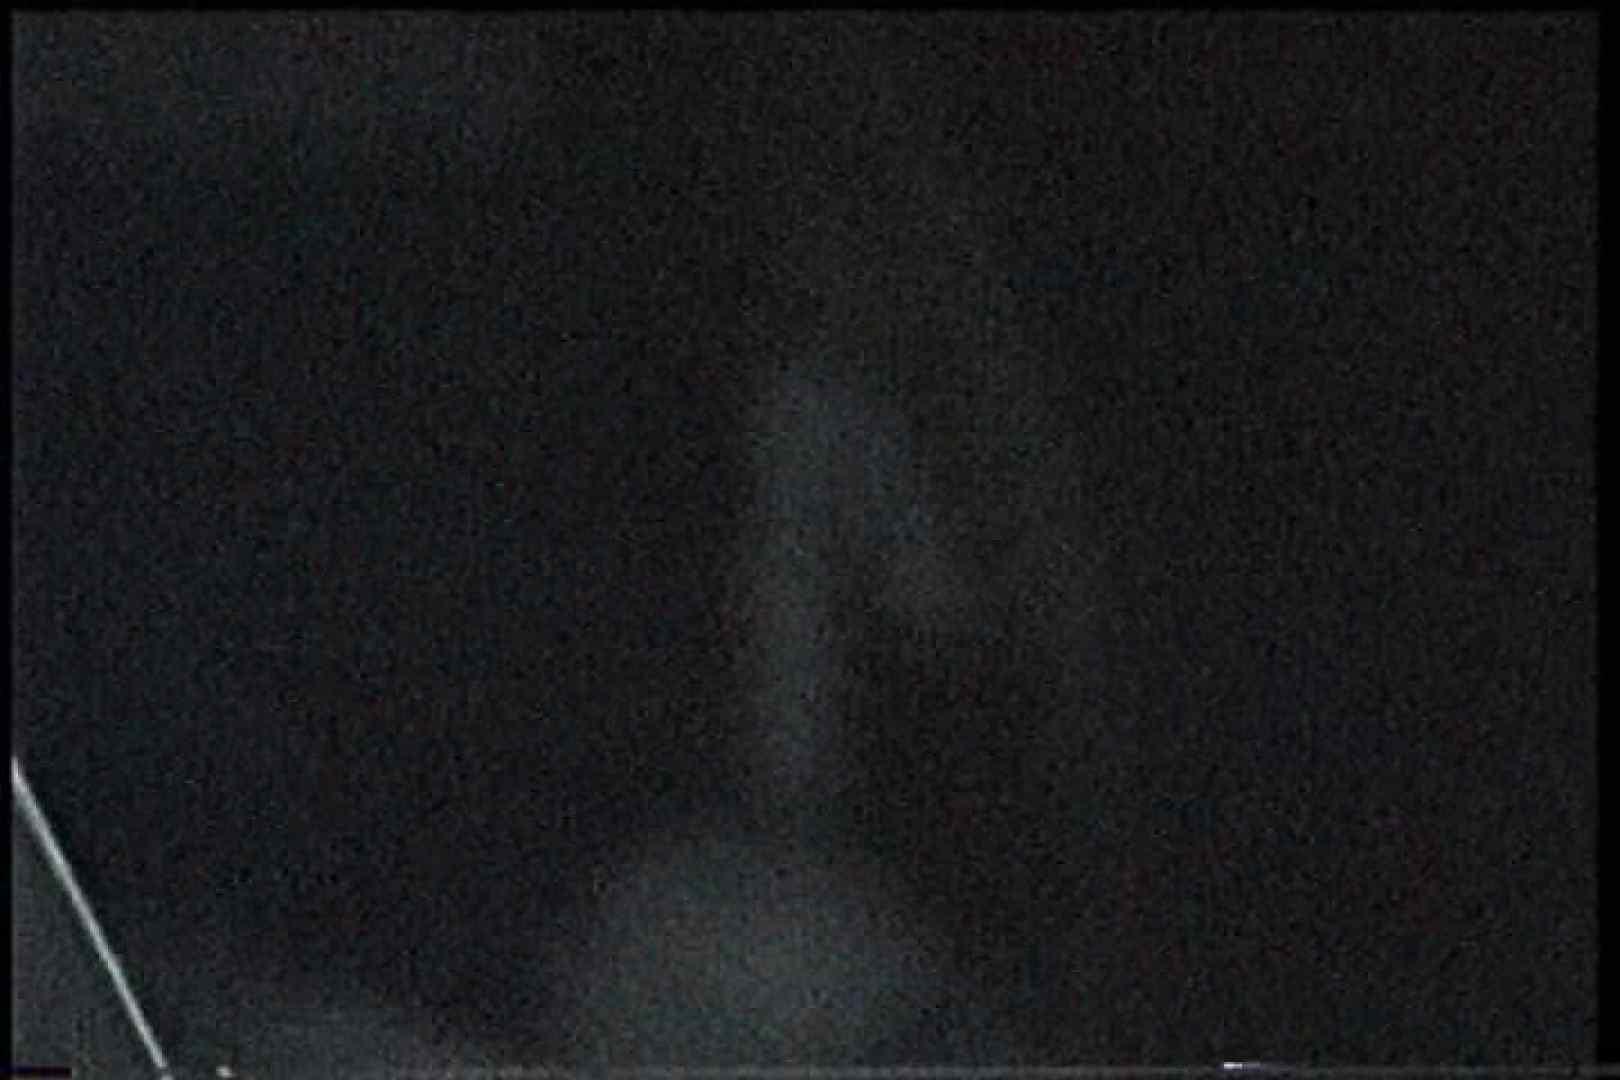 充血監督の深夜の運動会Vol.199 おまんこ おまんこ無修正動画無料 77pic 8